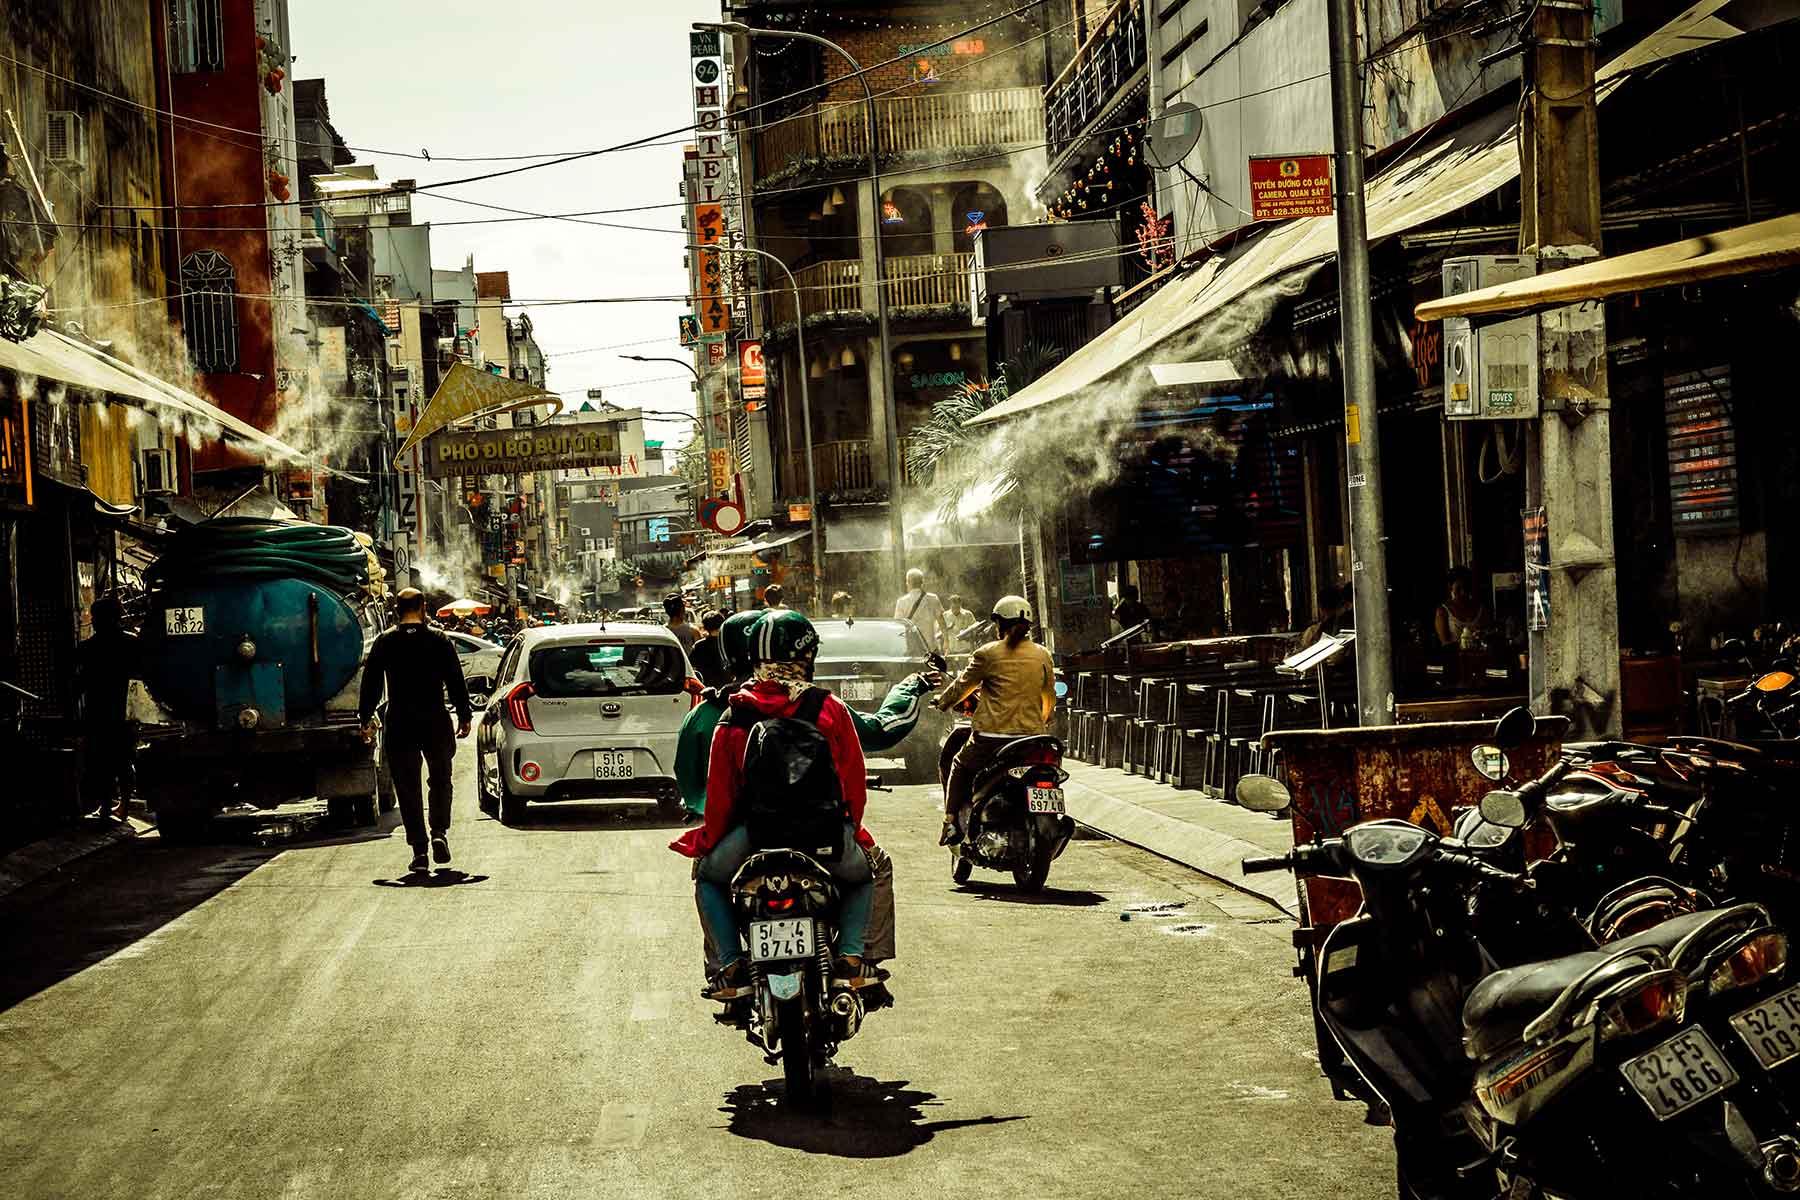 Resor-till-Ho-Chi-Minh-Nygren-Lind-Resebyrå-trafik